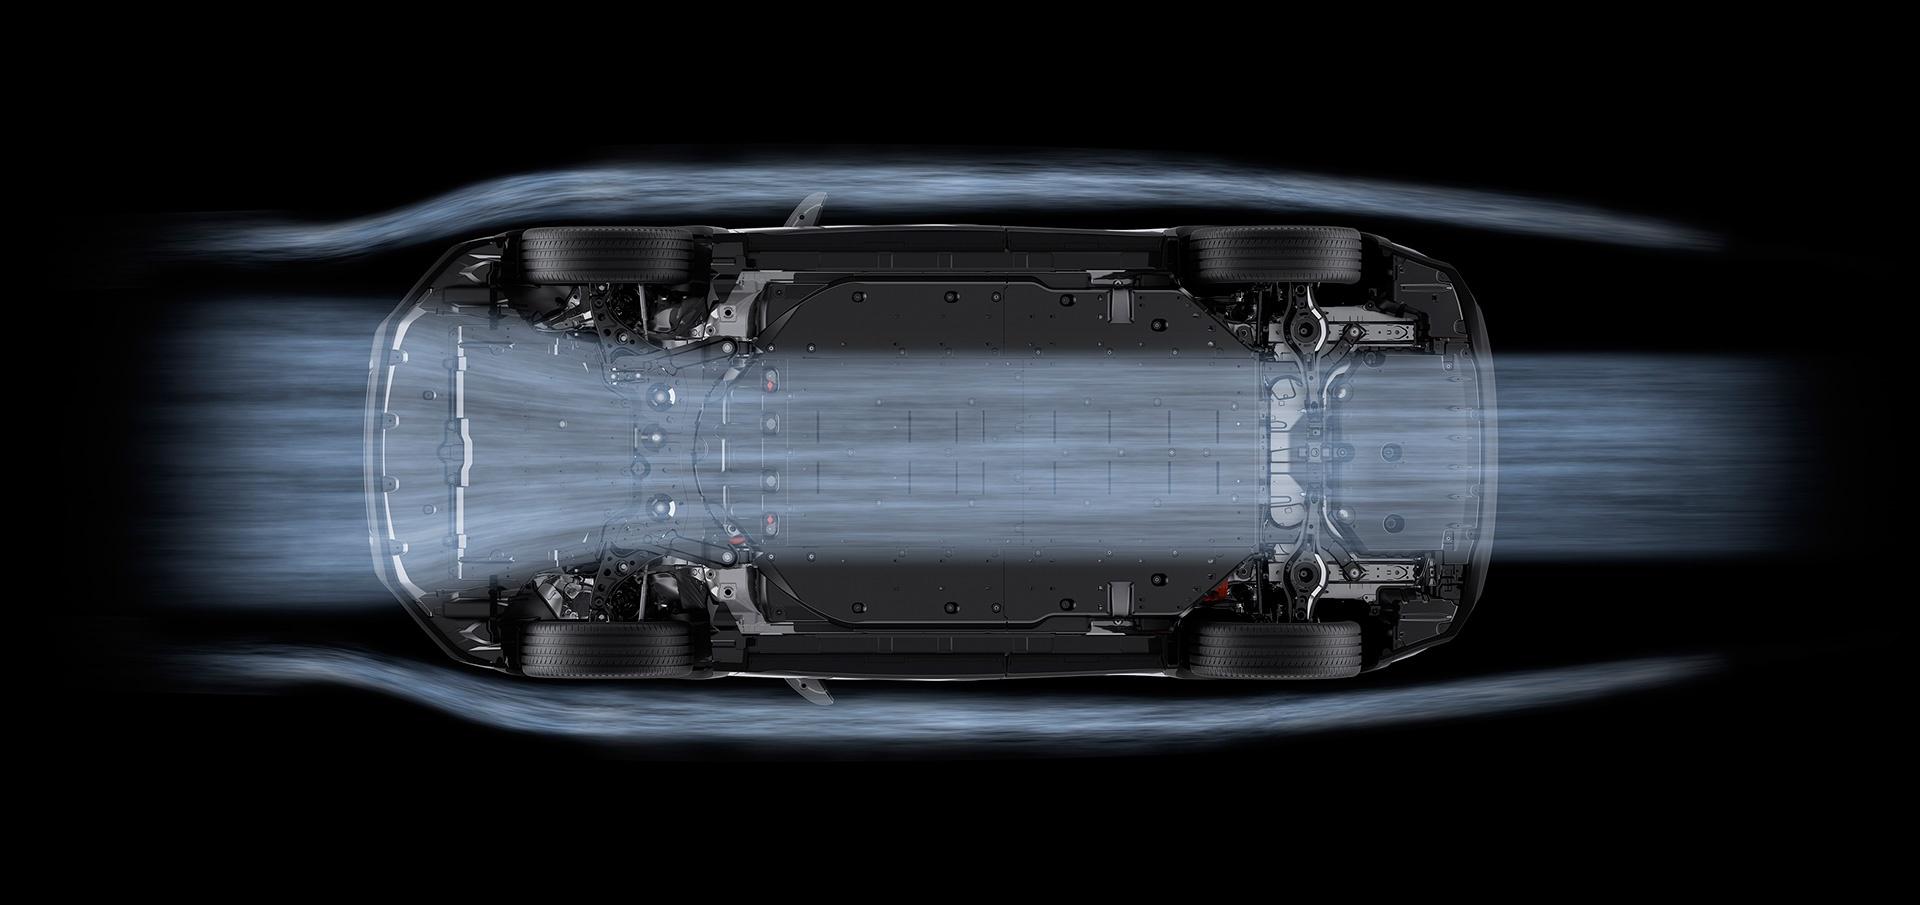 UX 300e - xe dien dau tien cua Lexus ra mat the gioi hinh anh 27